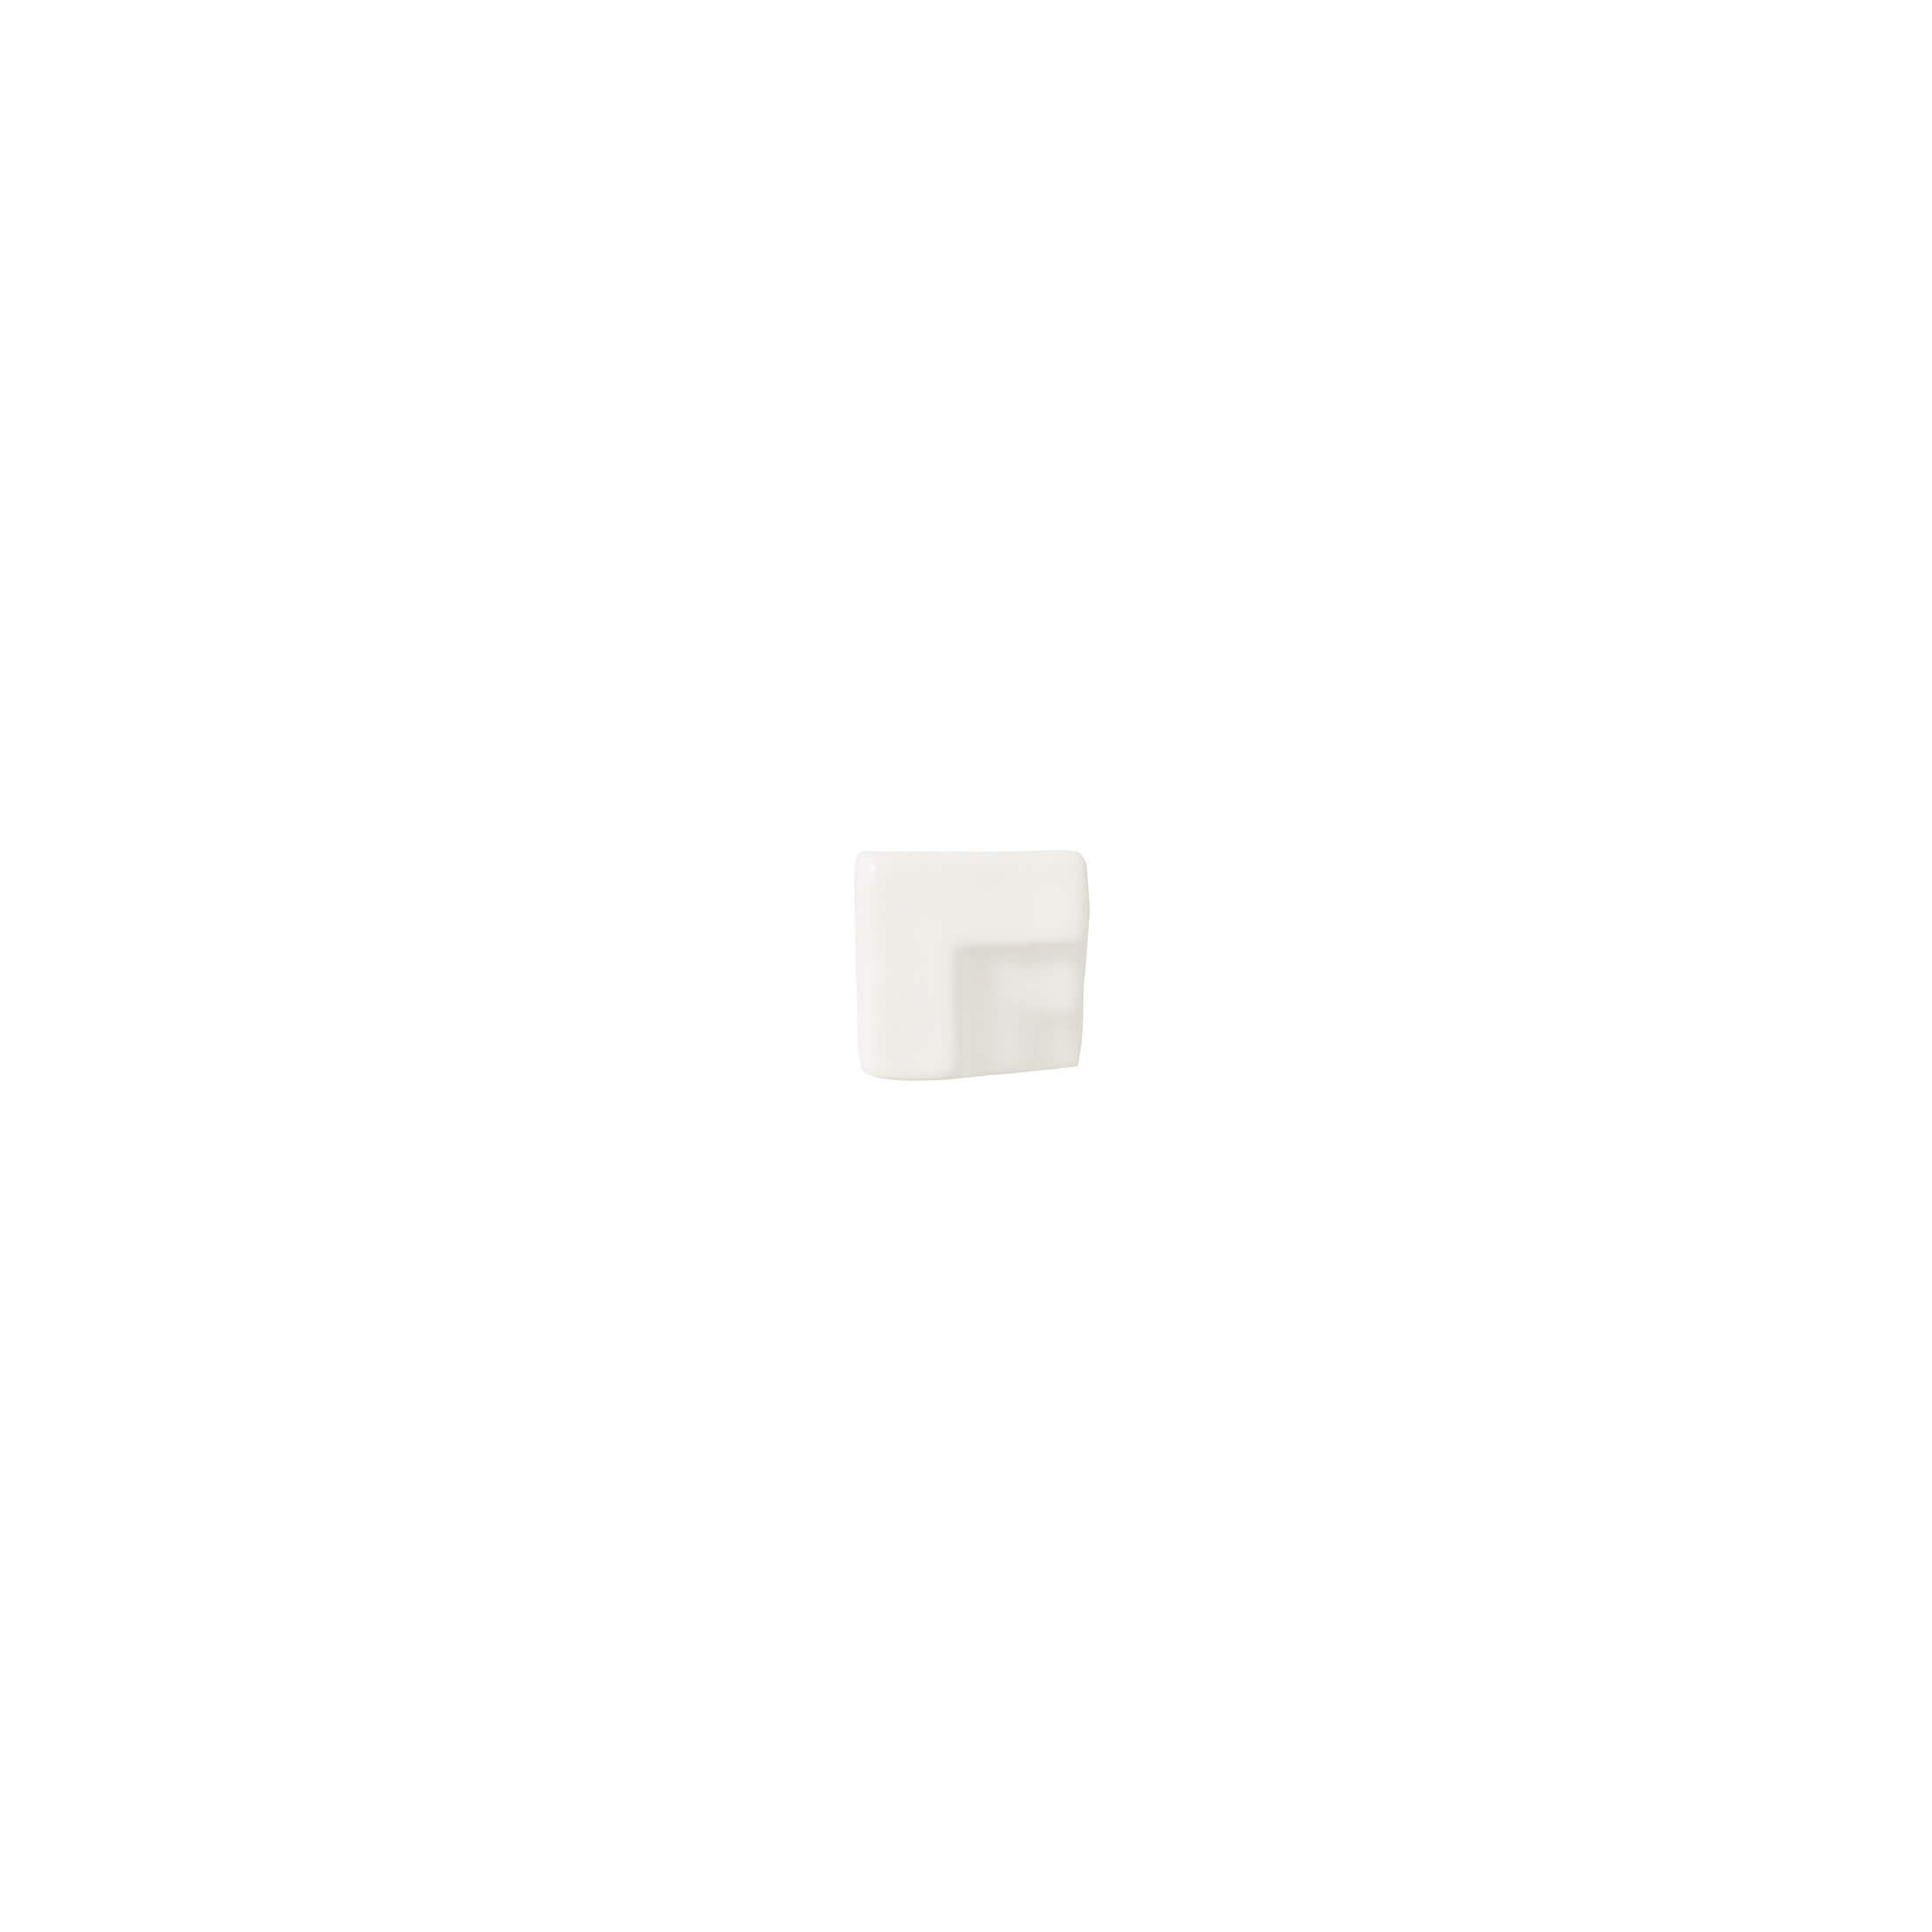 ADNE5483 - ANGULO MARCO CORNISACLASICA - 3.5 cm X 15 cm